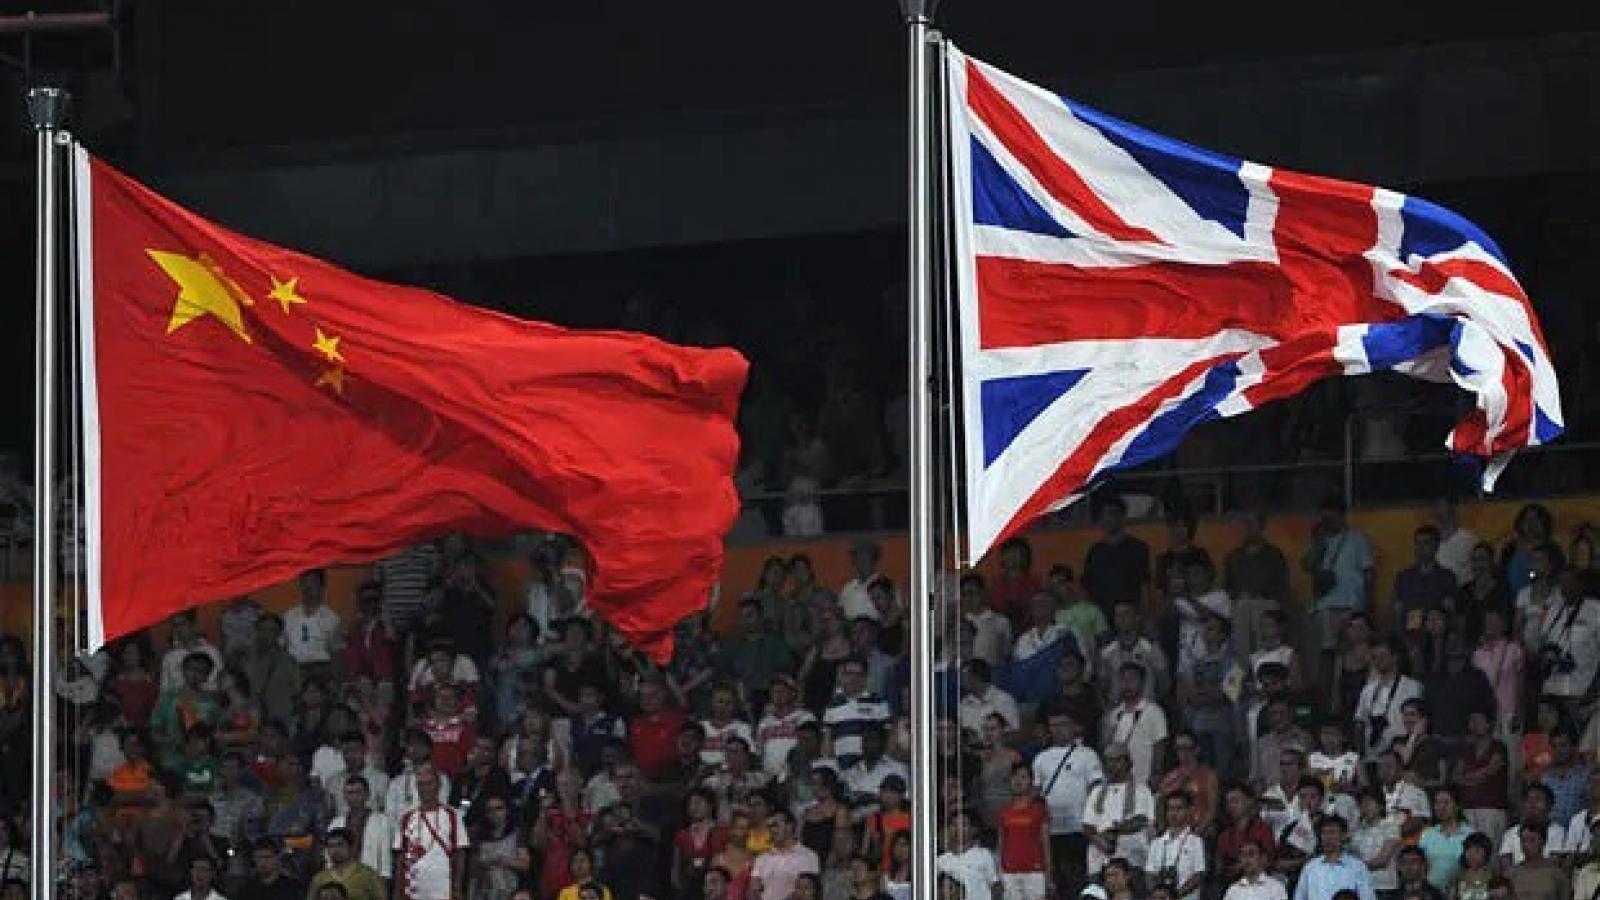 Trung Quốc cảnh báo Anh sẽ chịu hậu quả sau khi dừng Hiệp ước dẫn độ